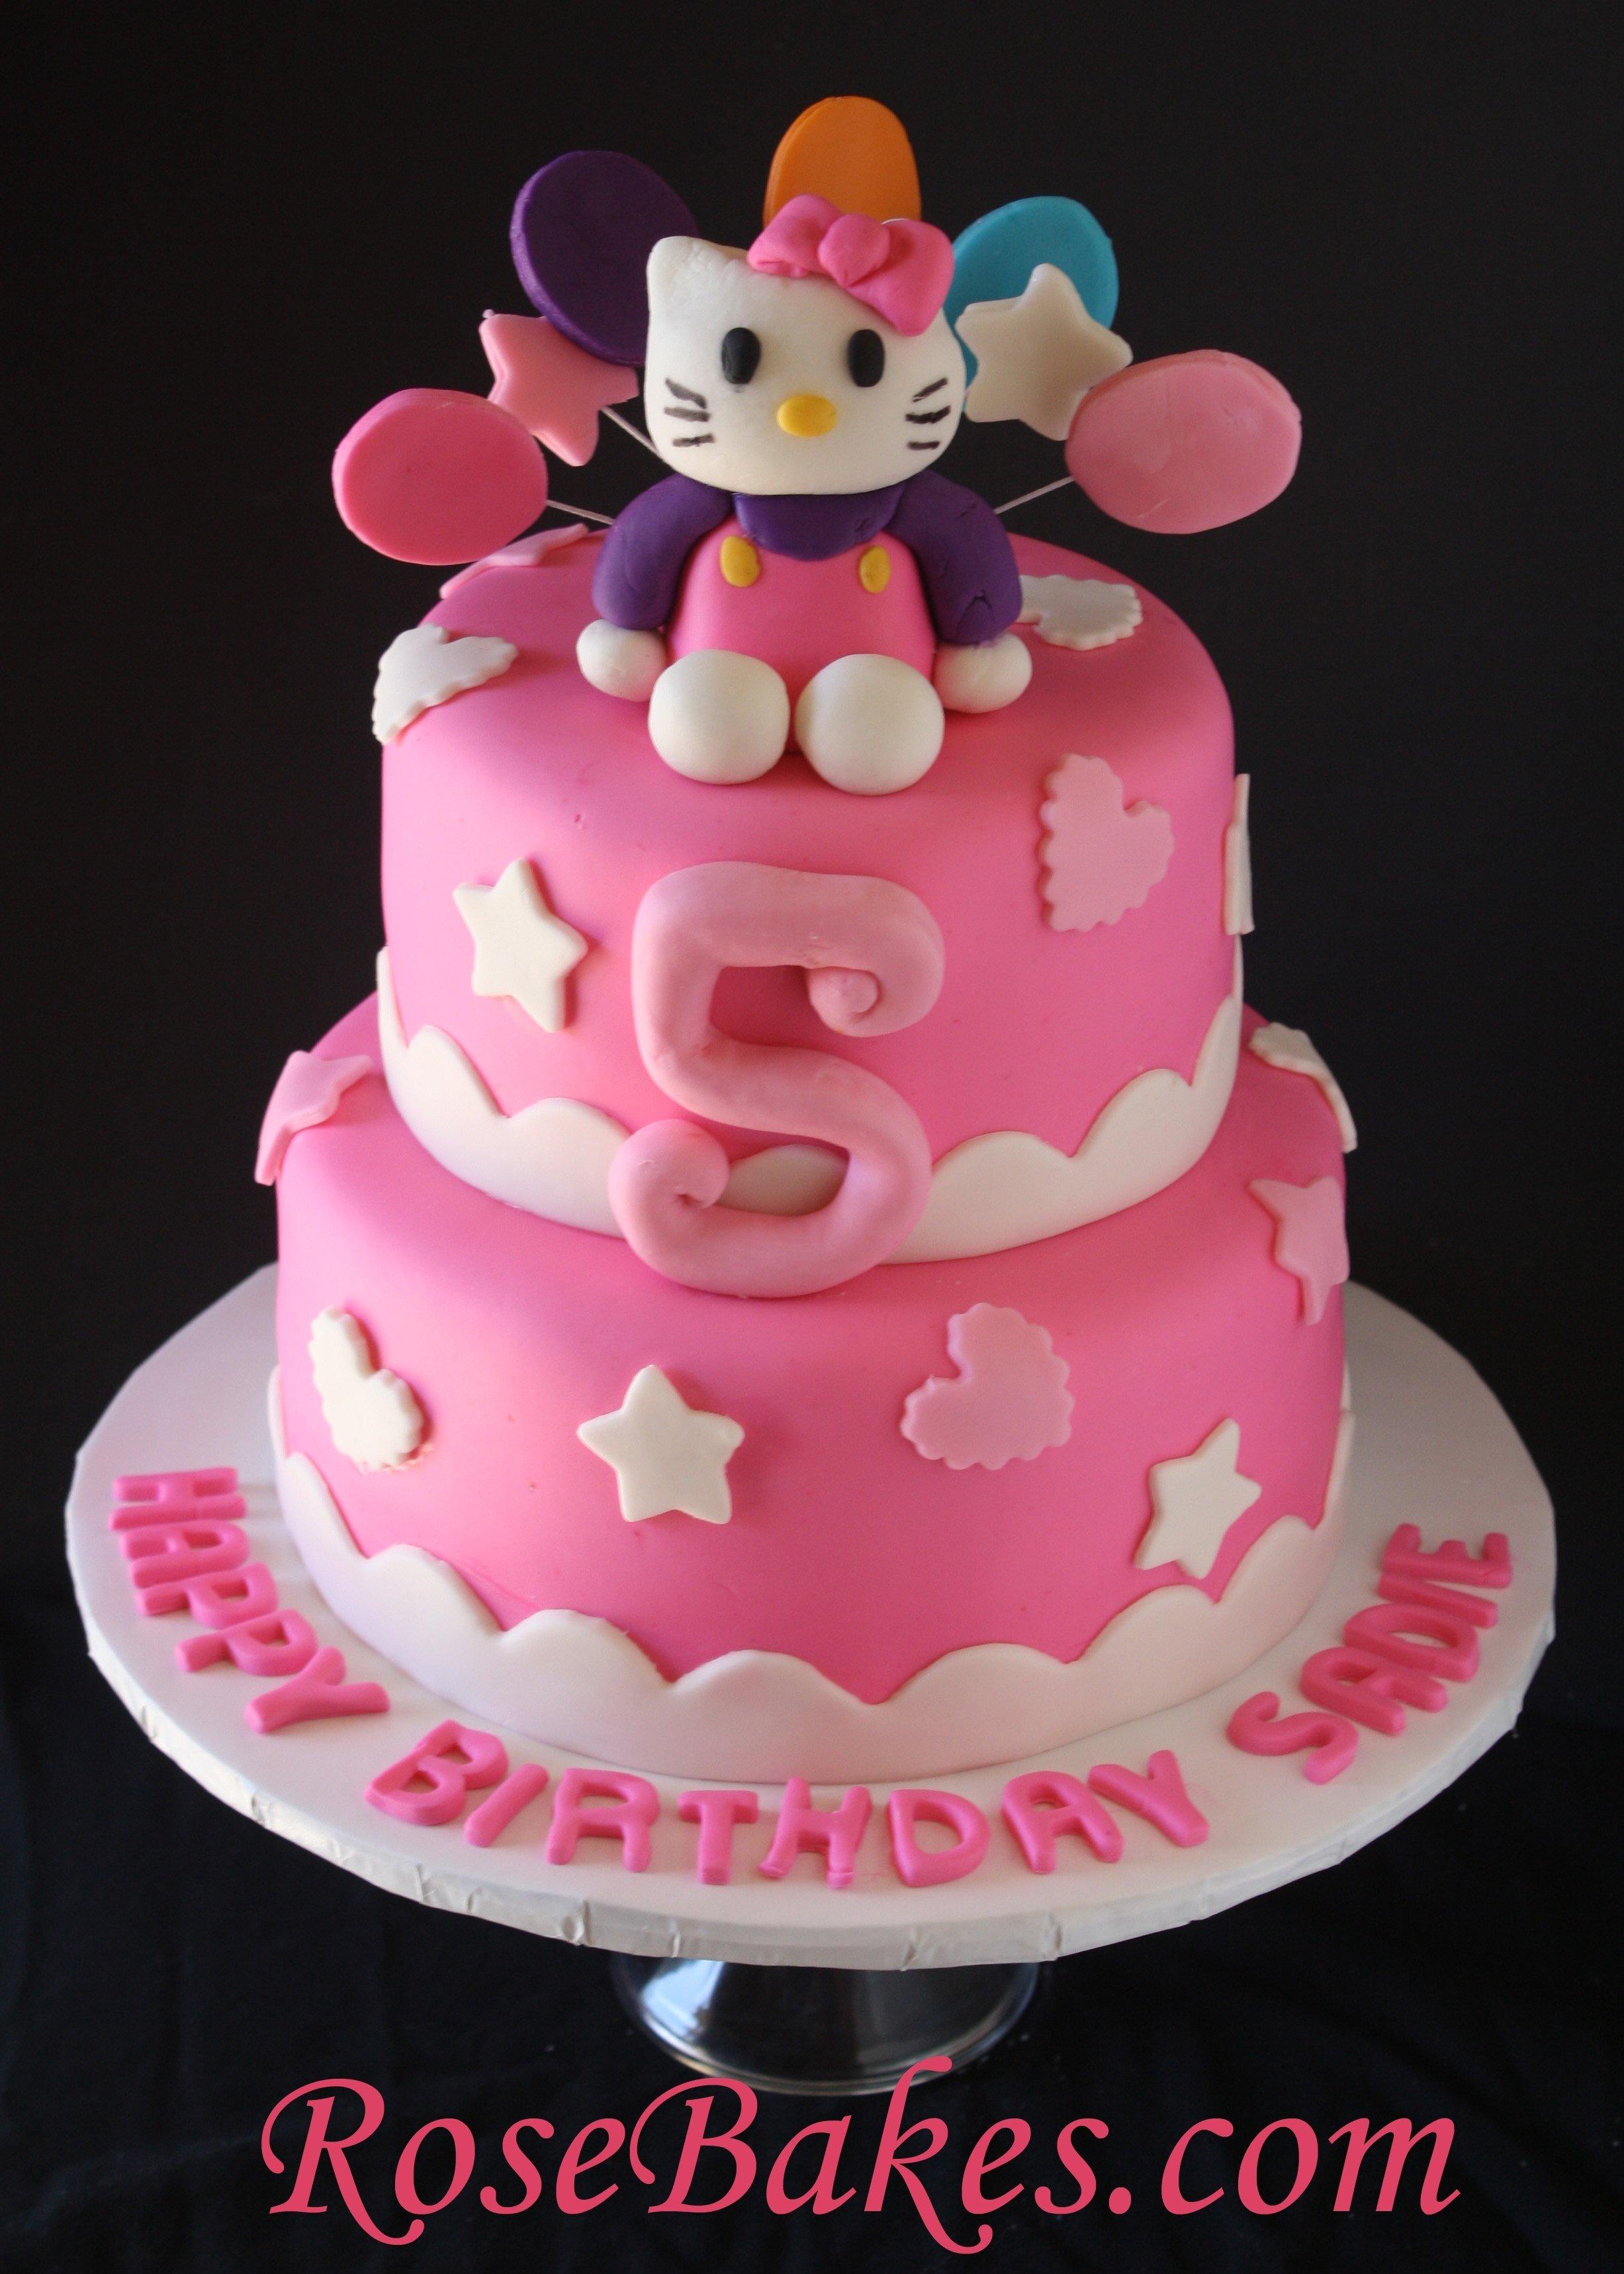 10 Unique Hello Kitty Birthday Cake Ideas hello kitty birthday cupcake cake add hello kitty birthday cake sams 2020